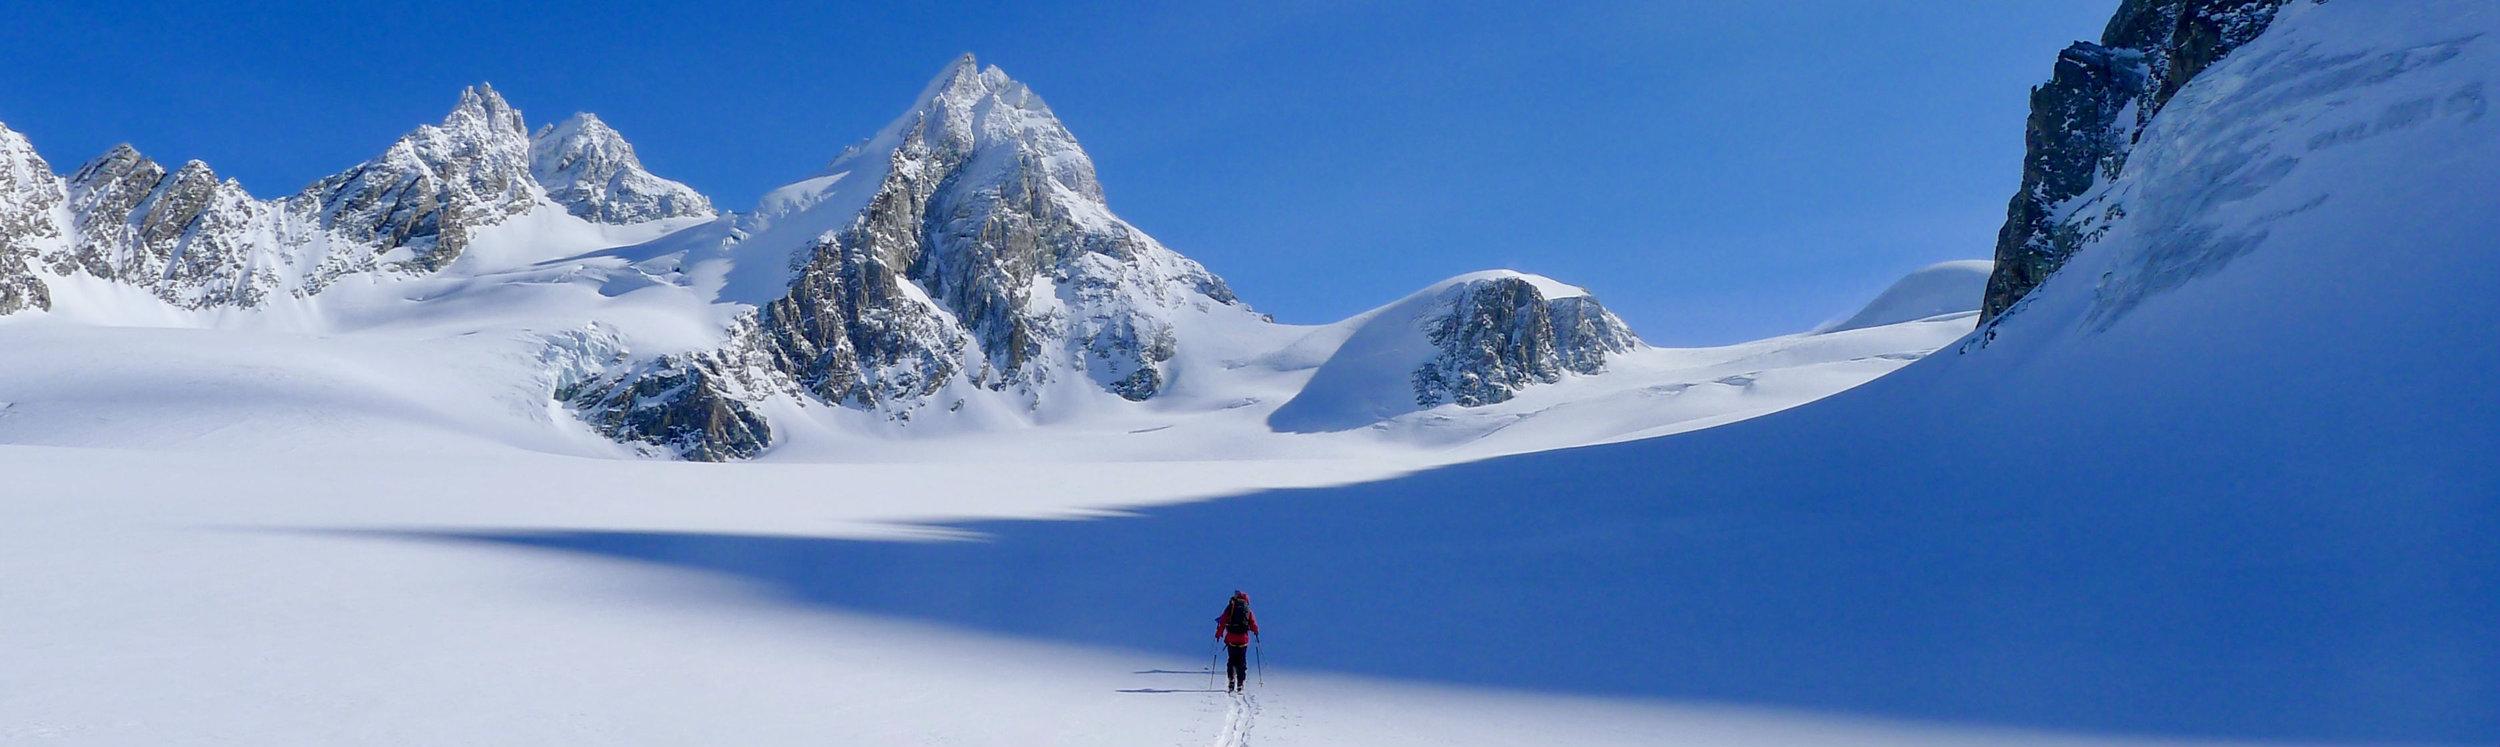 Day 5 of the classic Chamonix - Zermatt Haute Route